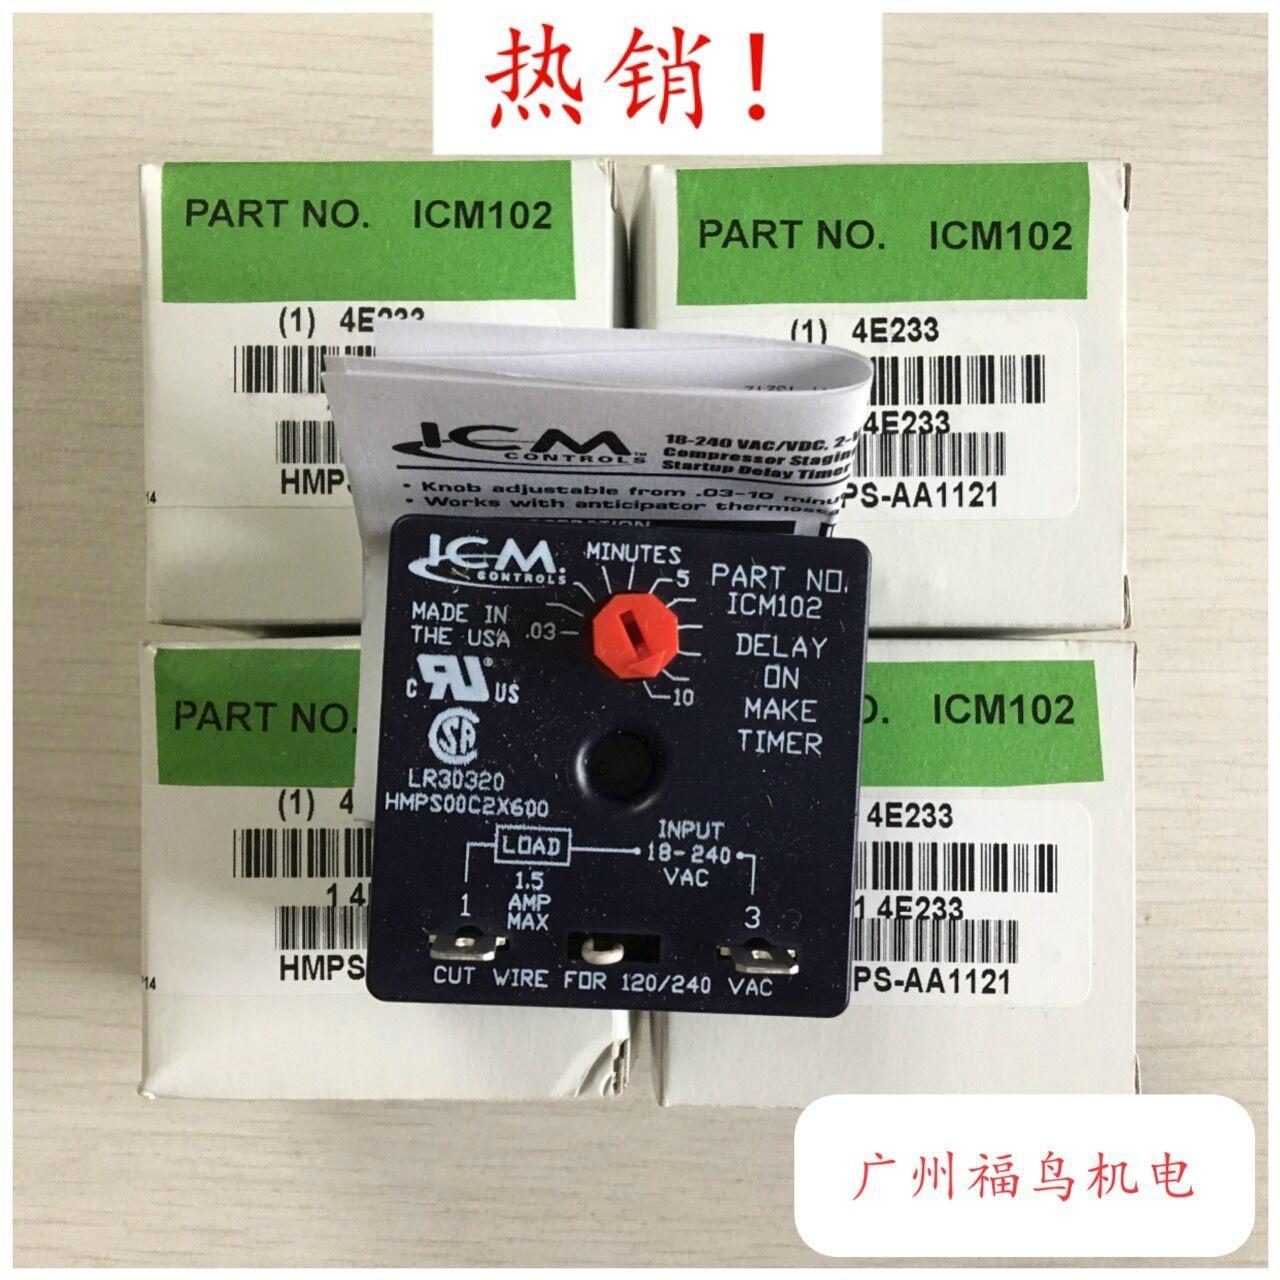 ICM继电器, 型号: ICM102